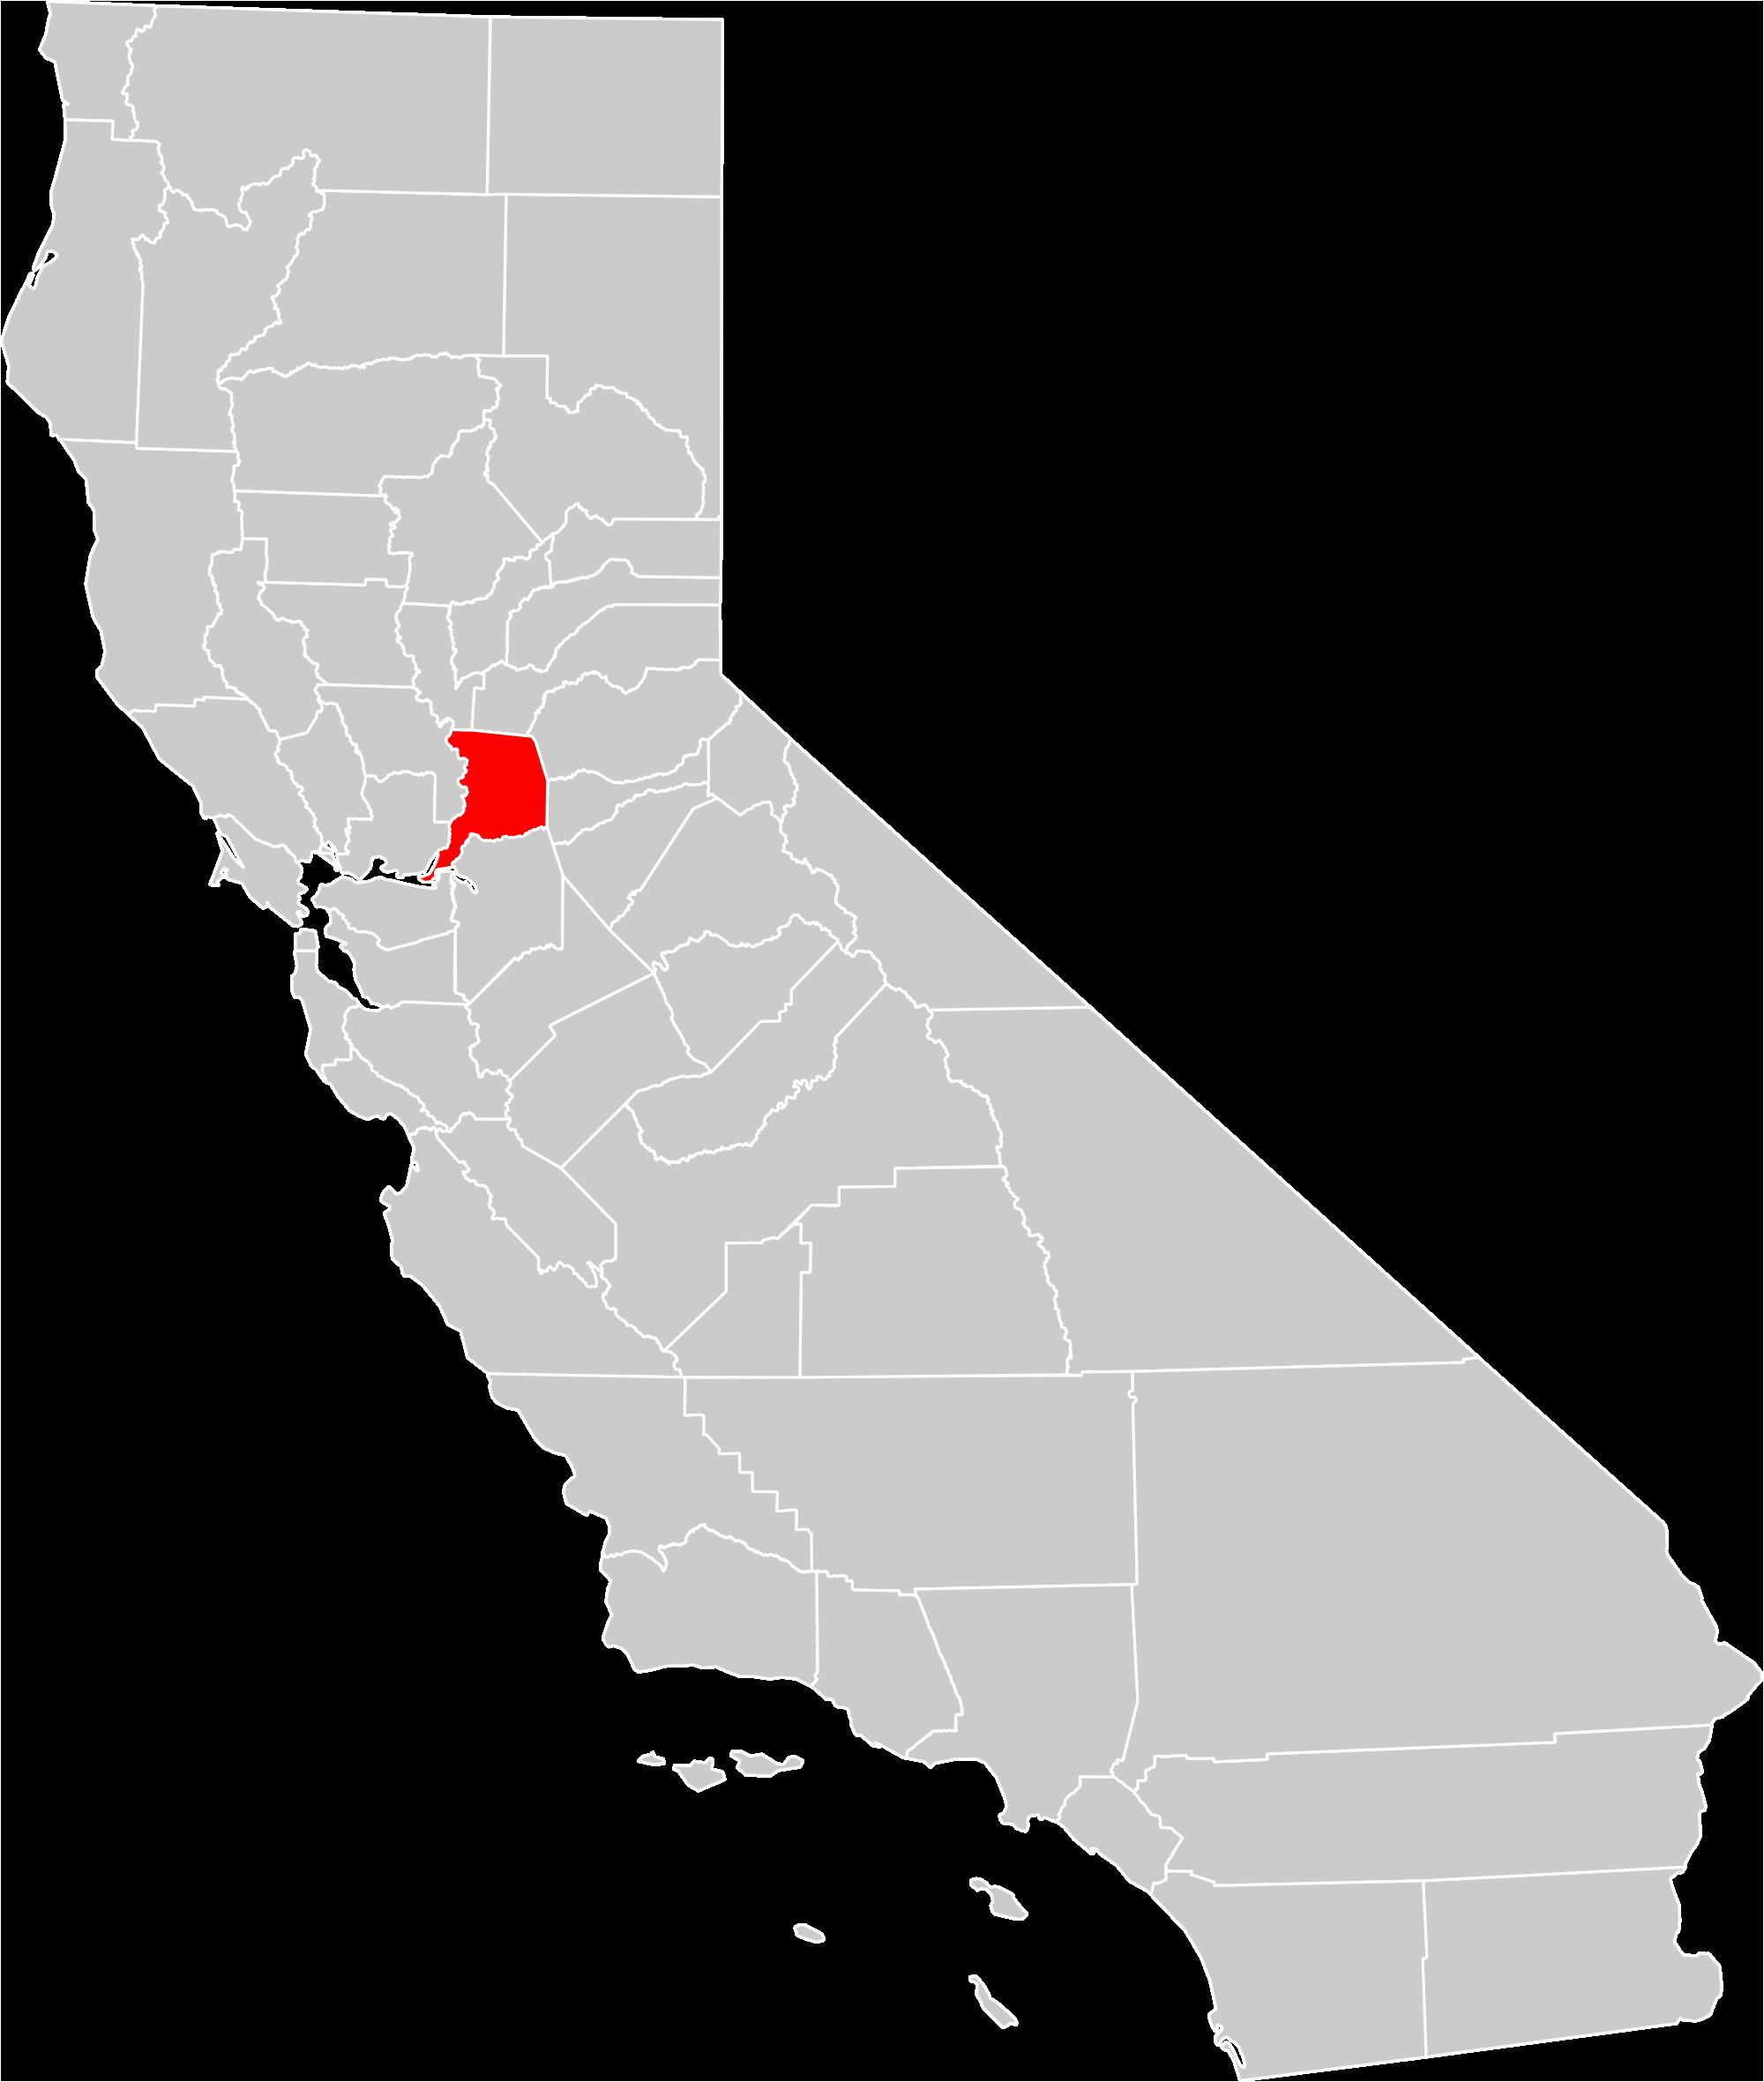 Sacremento California Map File California County Map Sacramento County Highlighted Svg